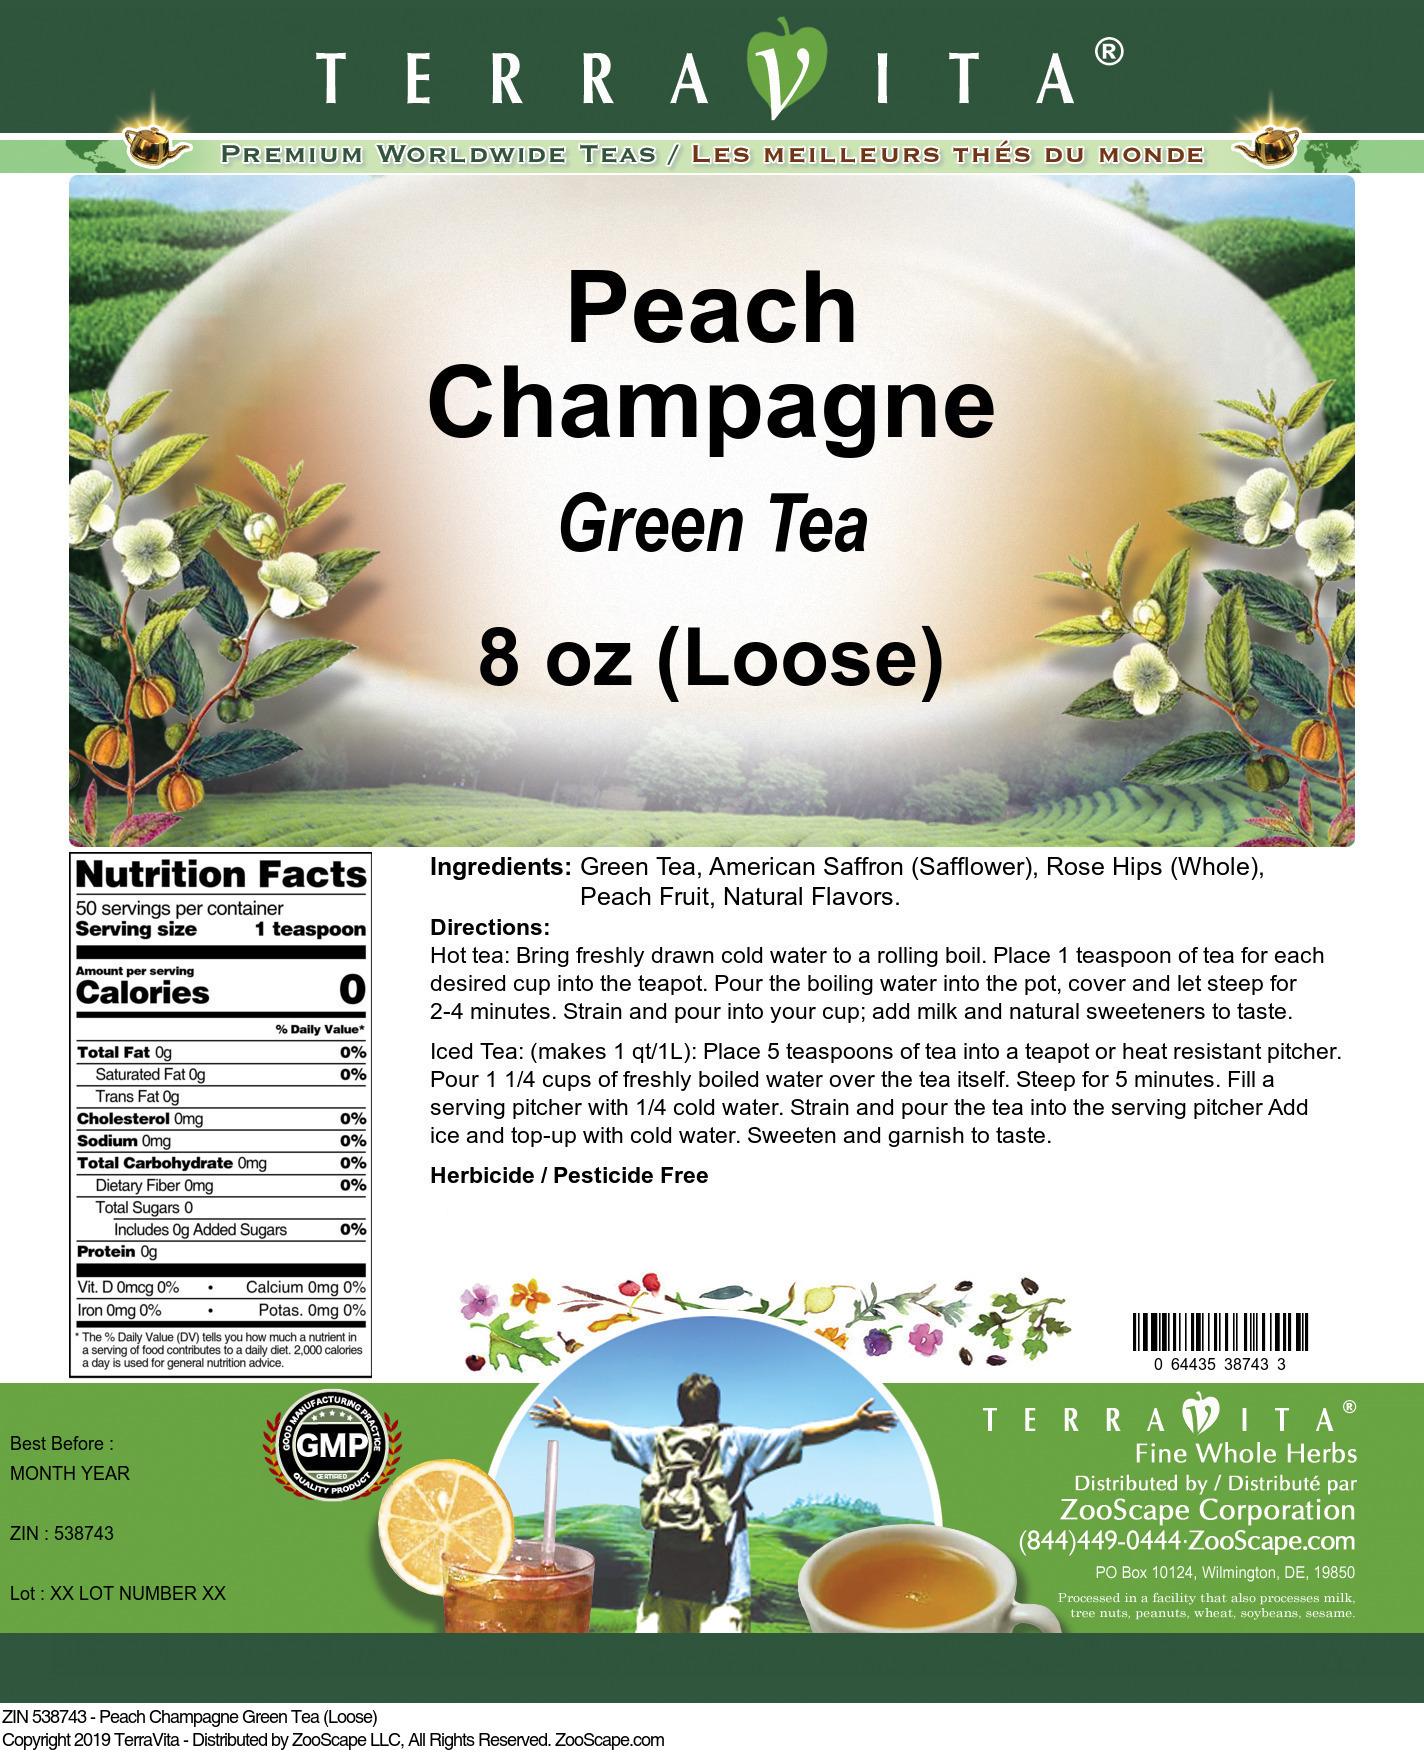 Peach Champagne Green Tea (Loose)